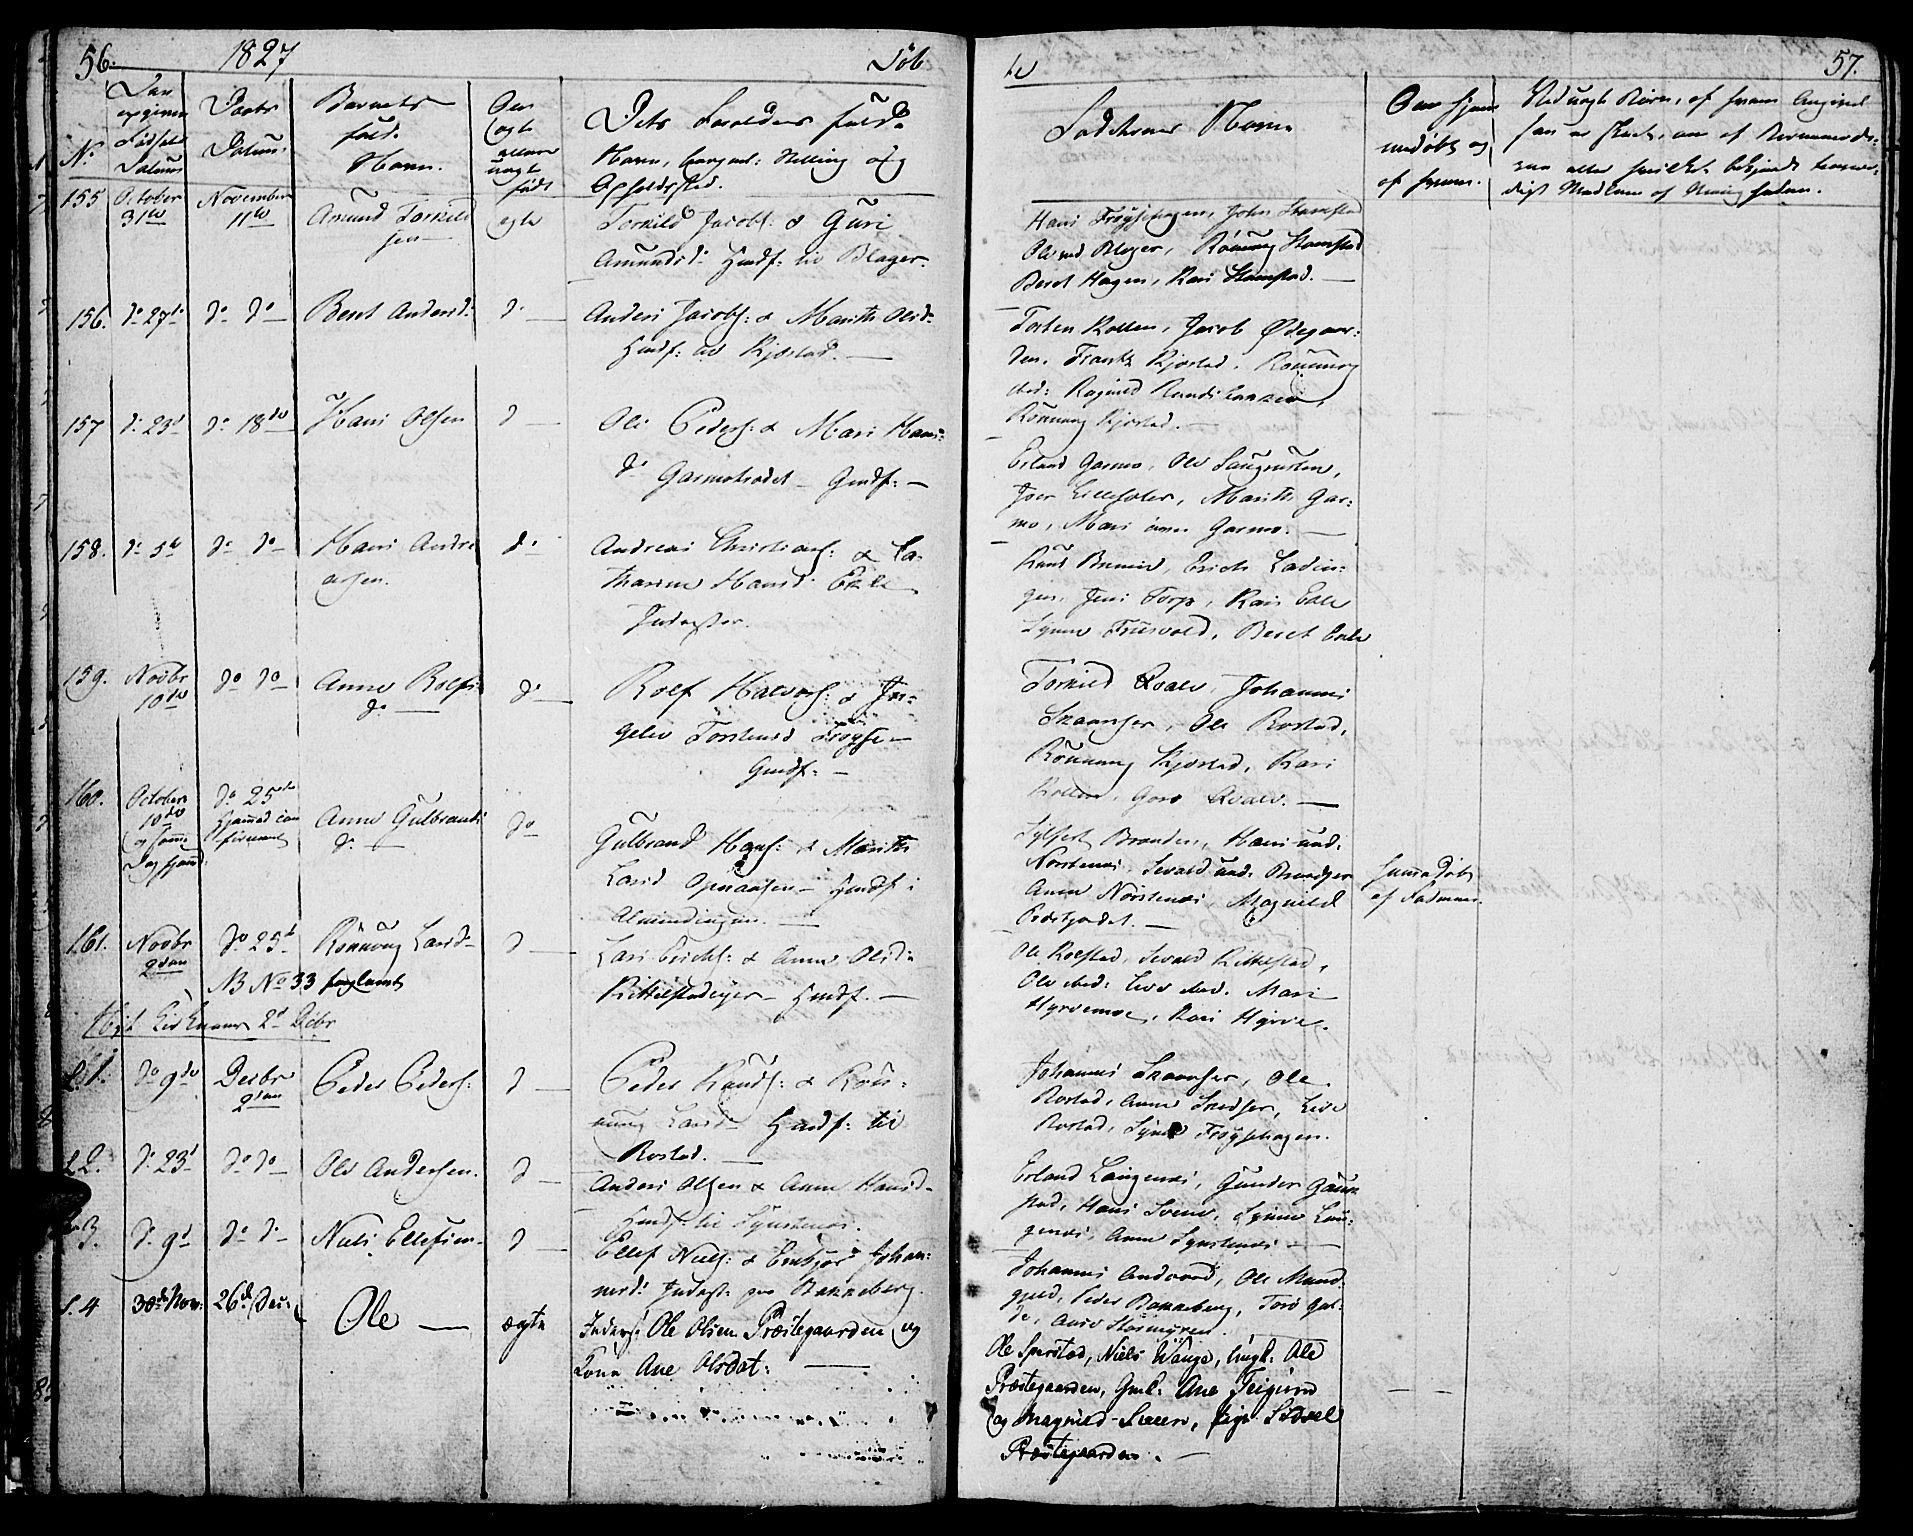 SAH, Lom prestekontor, K/L0005: Ministerialbok nr. 5, 1825-1837, s. 56-57